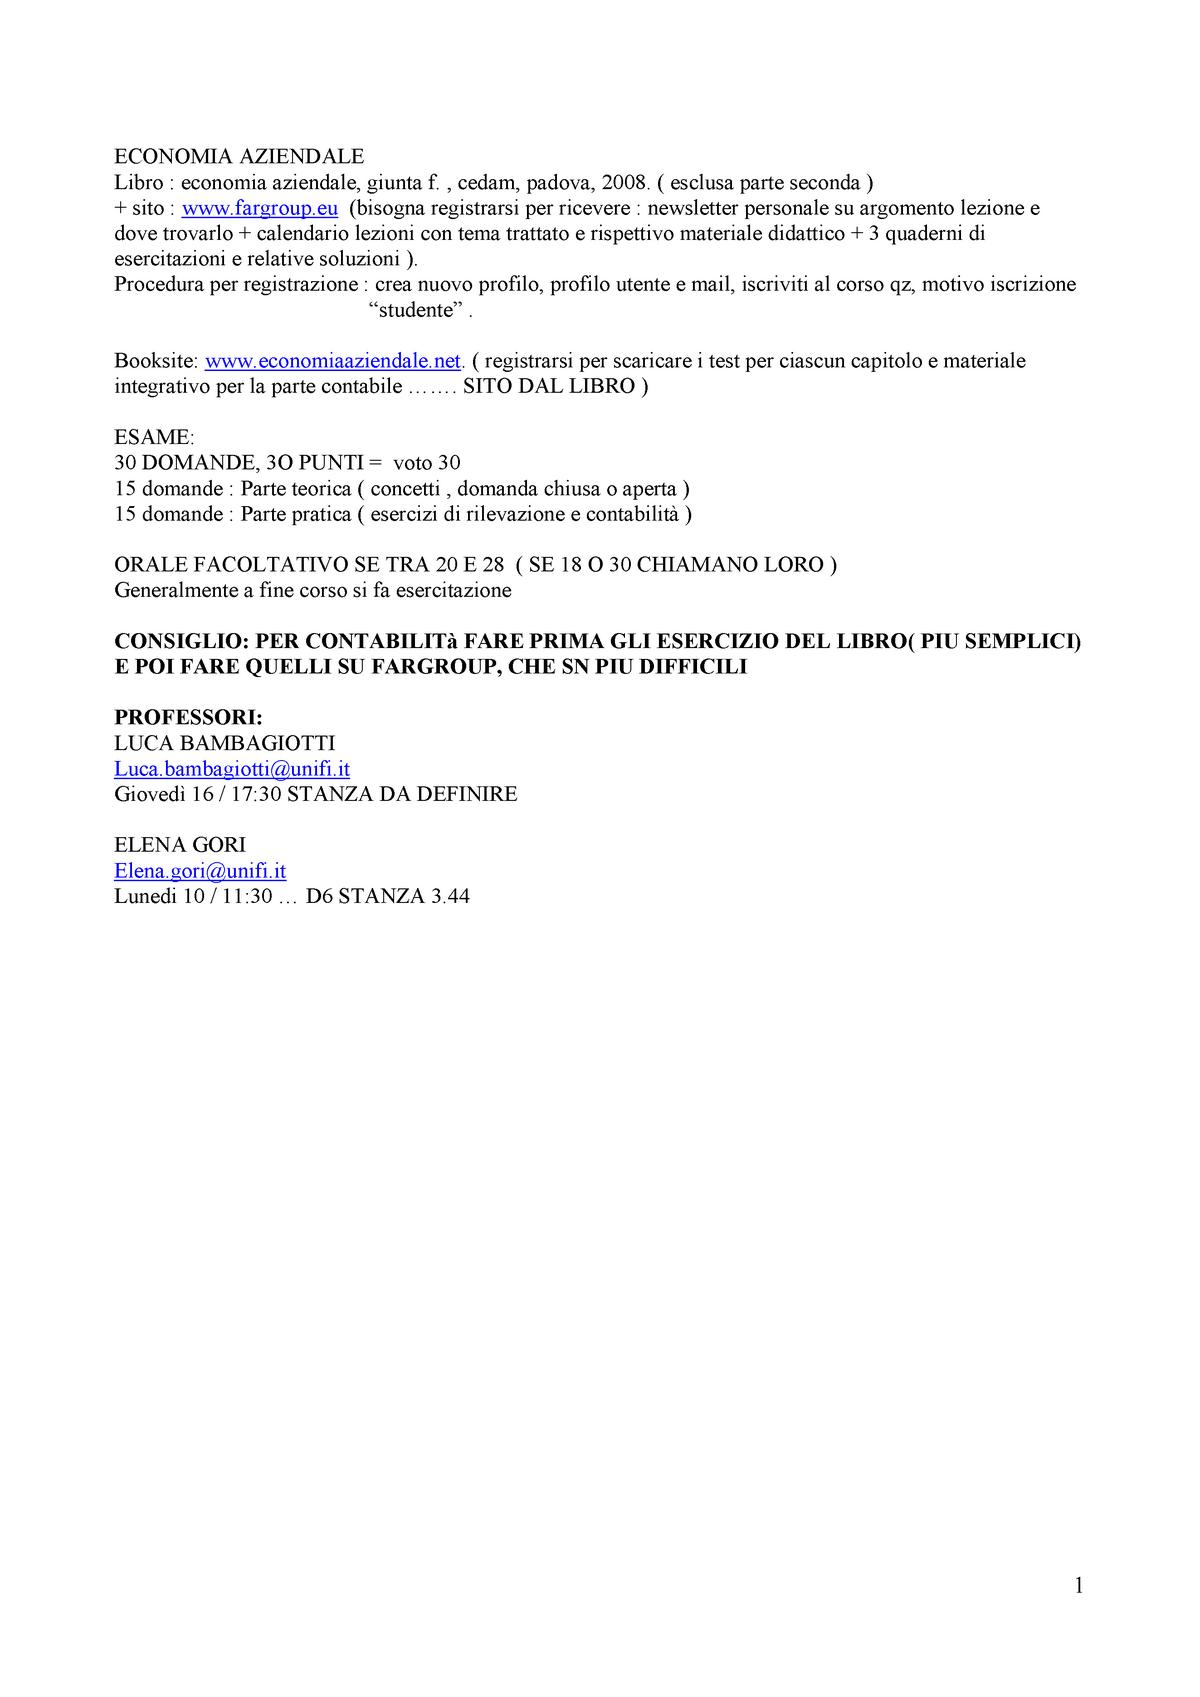 Calendario Unifi Economia.Economia Aziendale Schema Del Libro Integrato Con Appunti